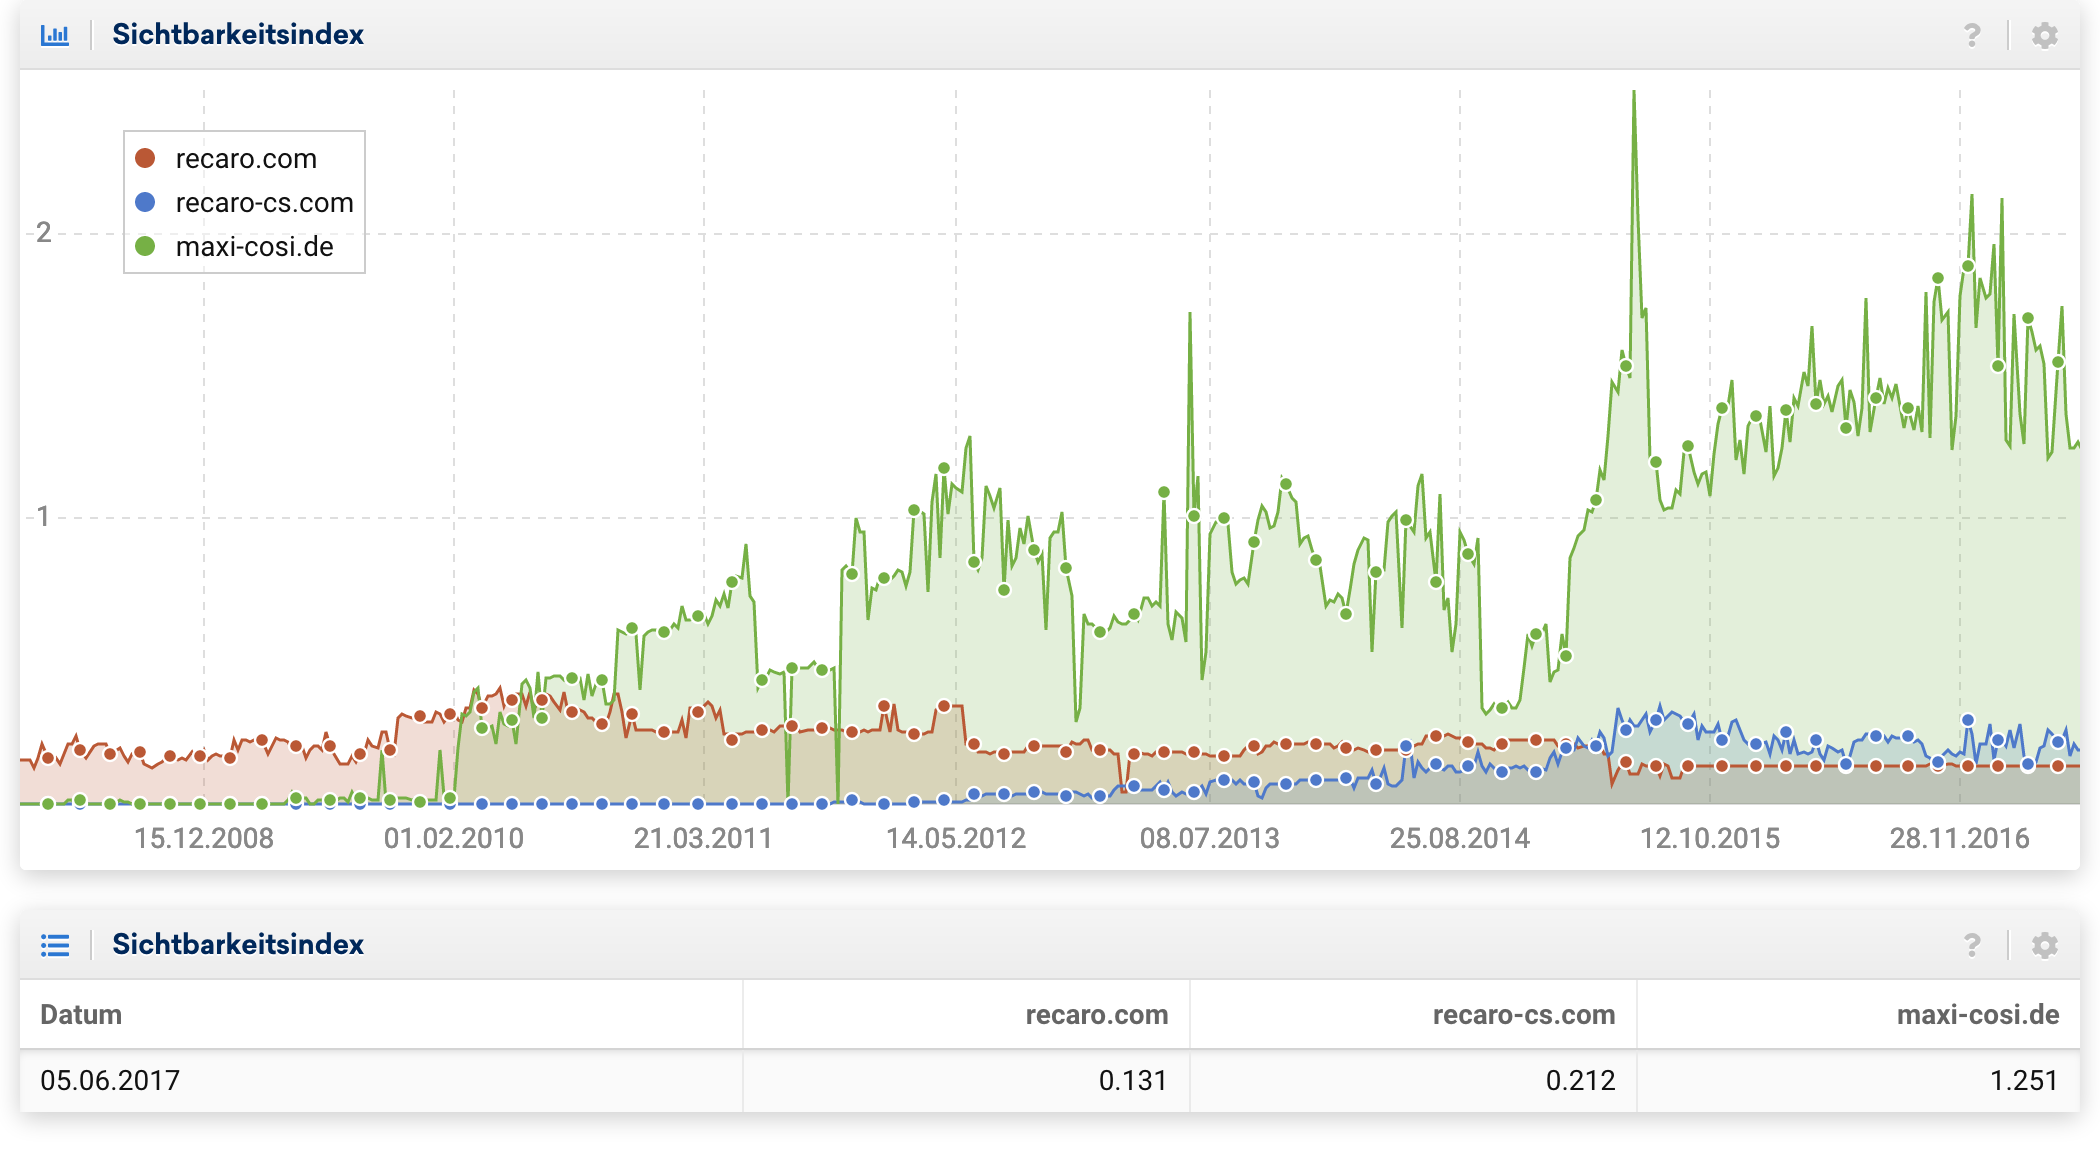 Sichtbarkeitsindex-Verläufe für die Domains recaro.com, recaro-cs.com und maxi-cosi.de. Die beiden Recaro Domains sind mit 01. und 0.2 Punkten im Seitwärtstrend. Maxi-cosi.de schafft es auf einem höhreren Niveau, von 1.25 Sichtbarkeitspunkten zu agieren.